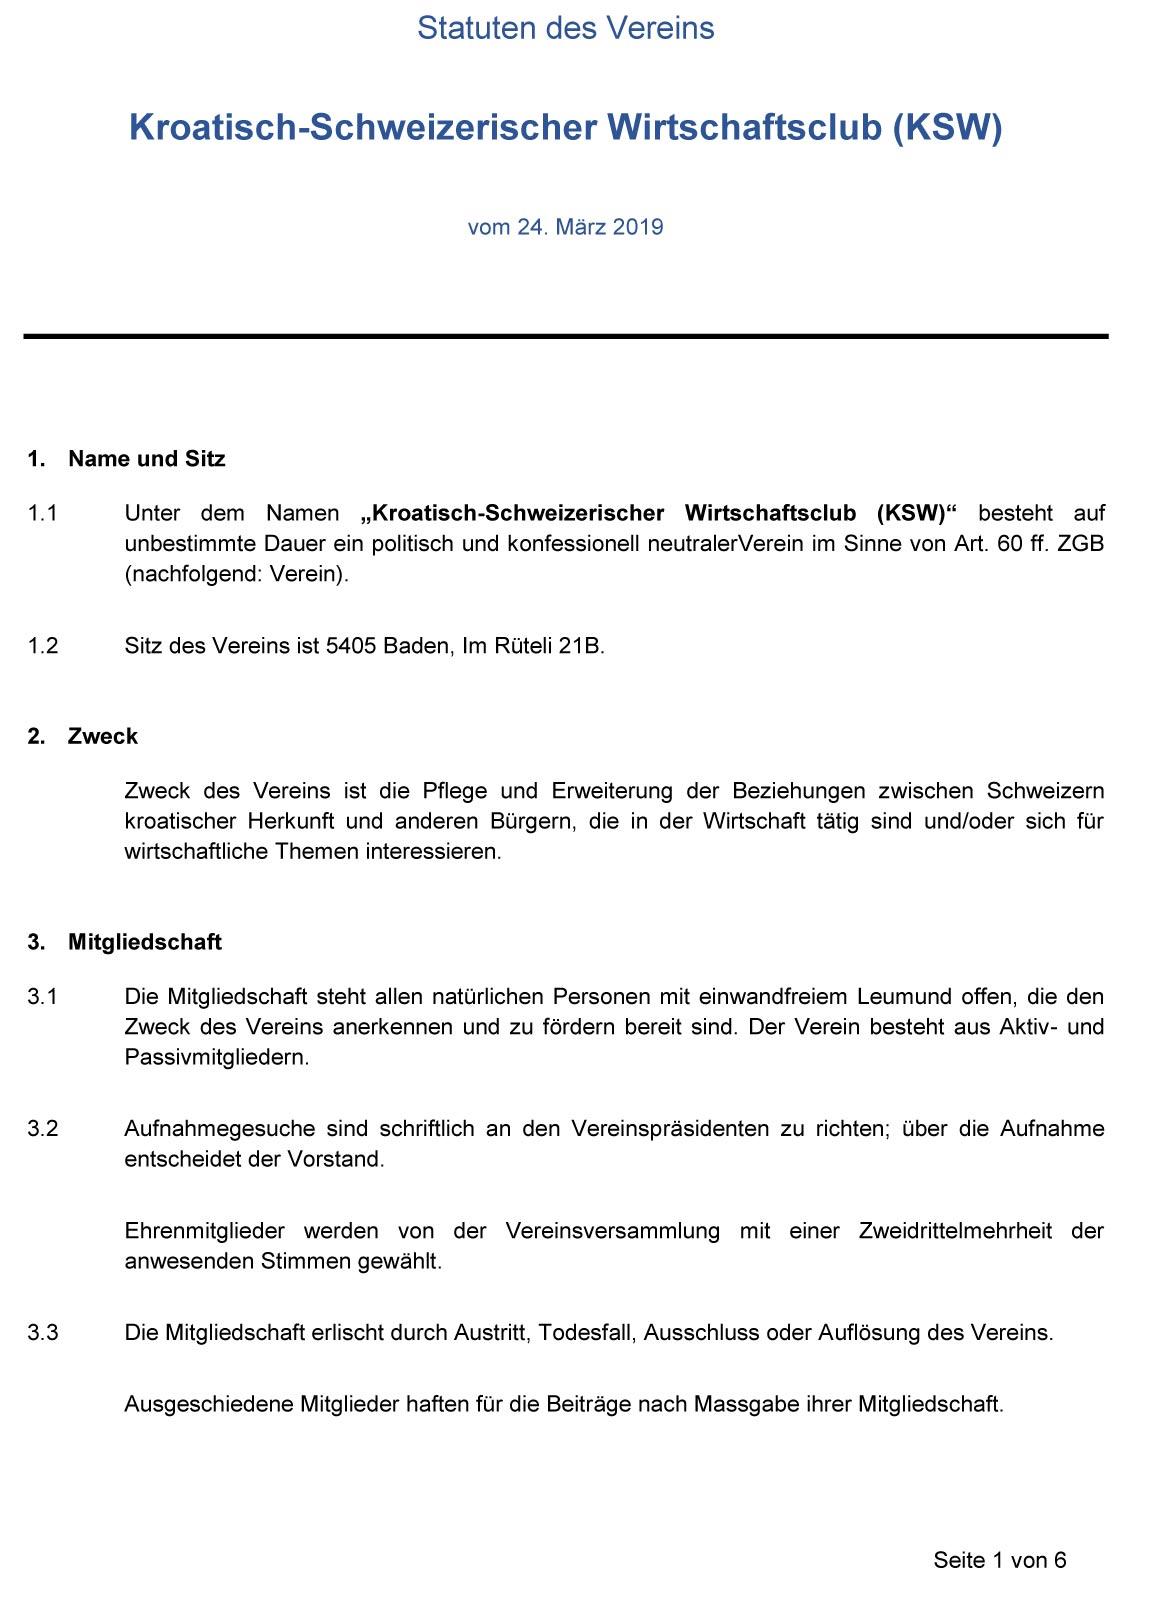 KSW_Statuten_061